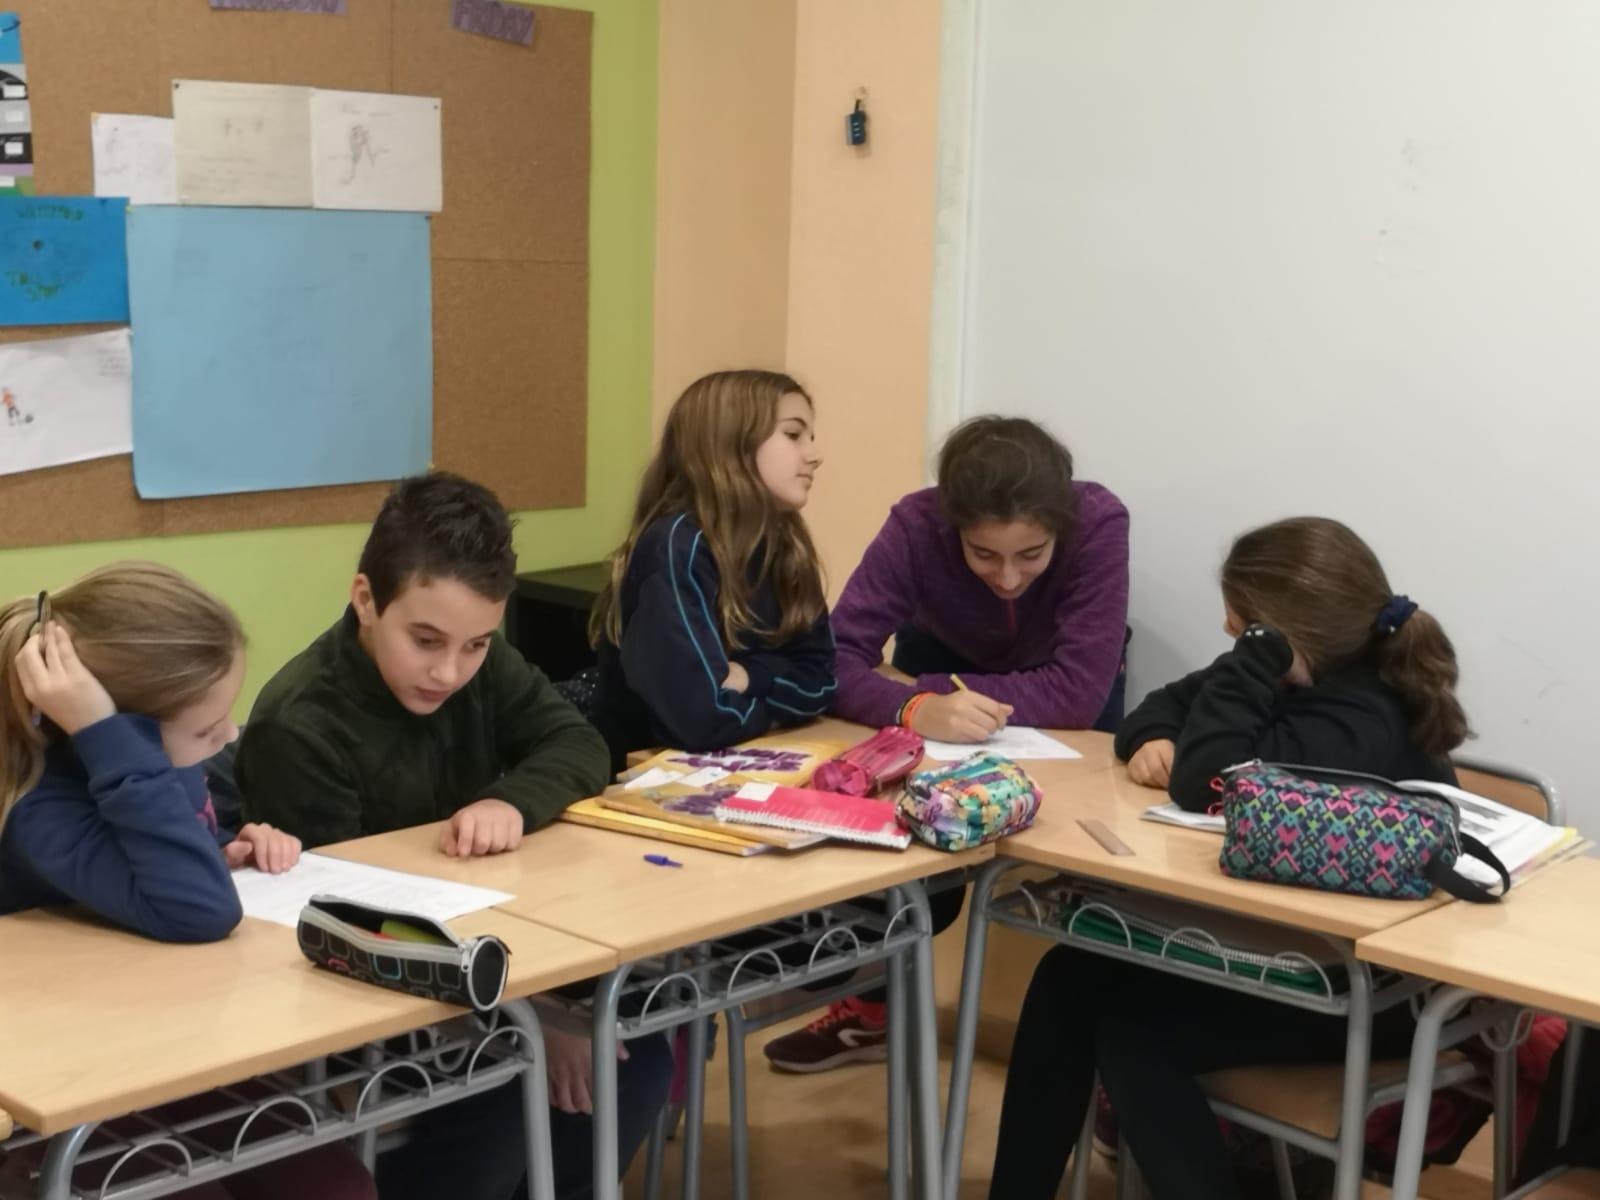 Resumen Flyers 2 Diciembre/Enero 2019 Centro Baleares